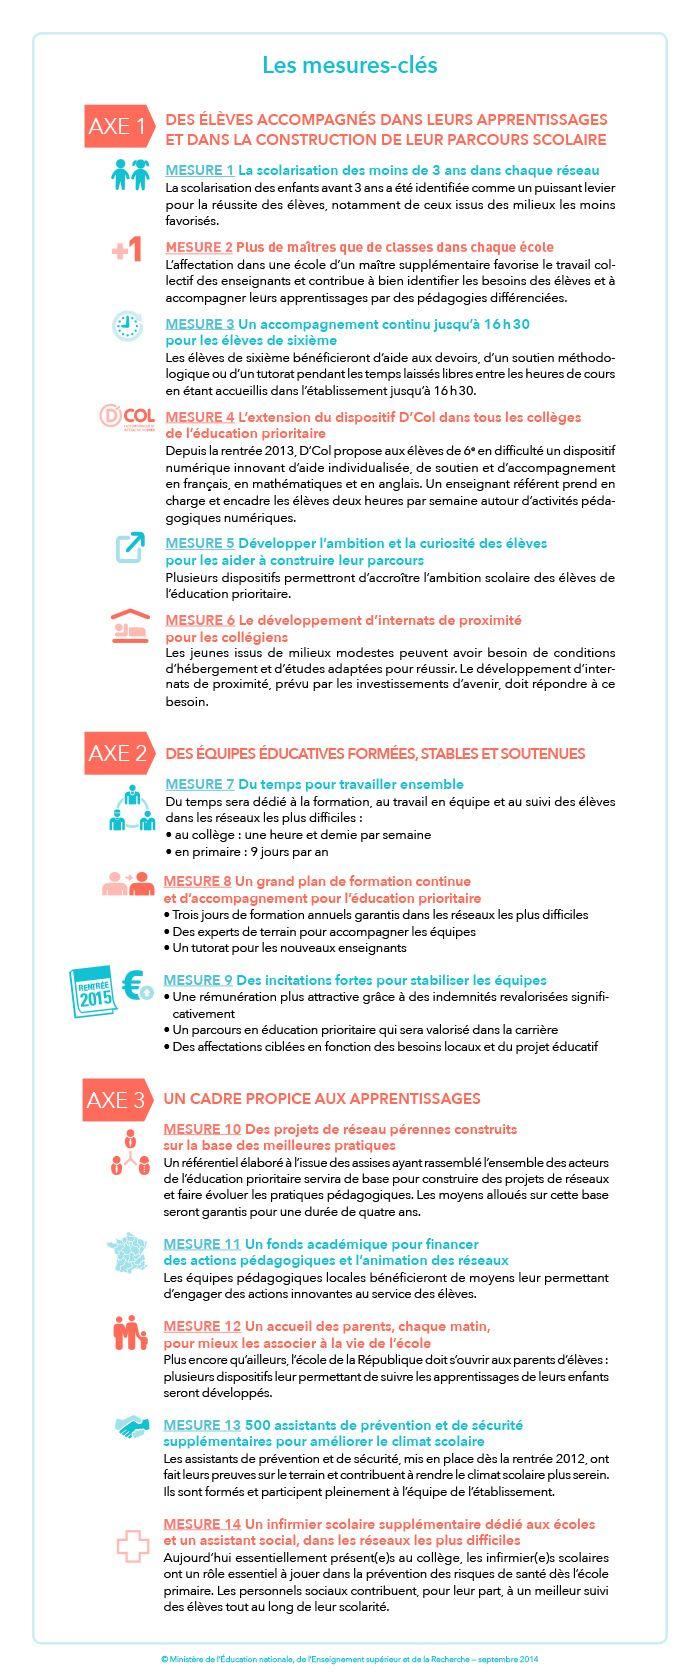 Les mesures clés de l'#educationprioritaire à la #rentree2014 - Ministère de l'Éducation nationale, de l'Enseignement supérieur et de la Recherche